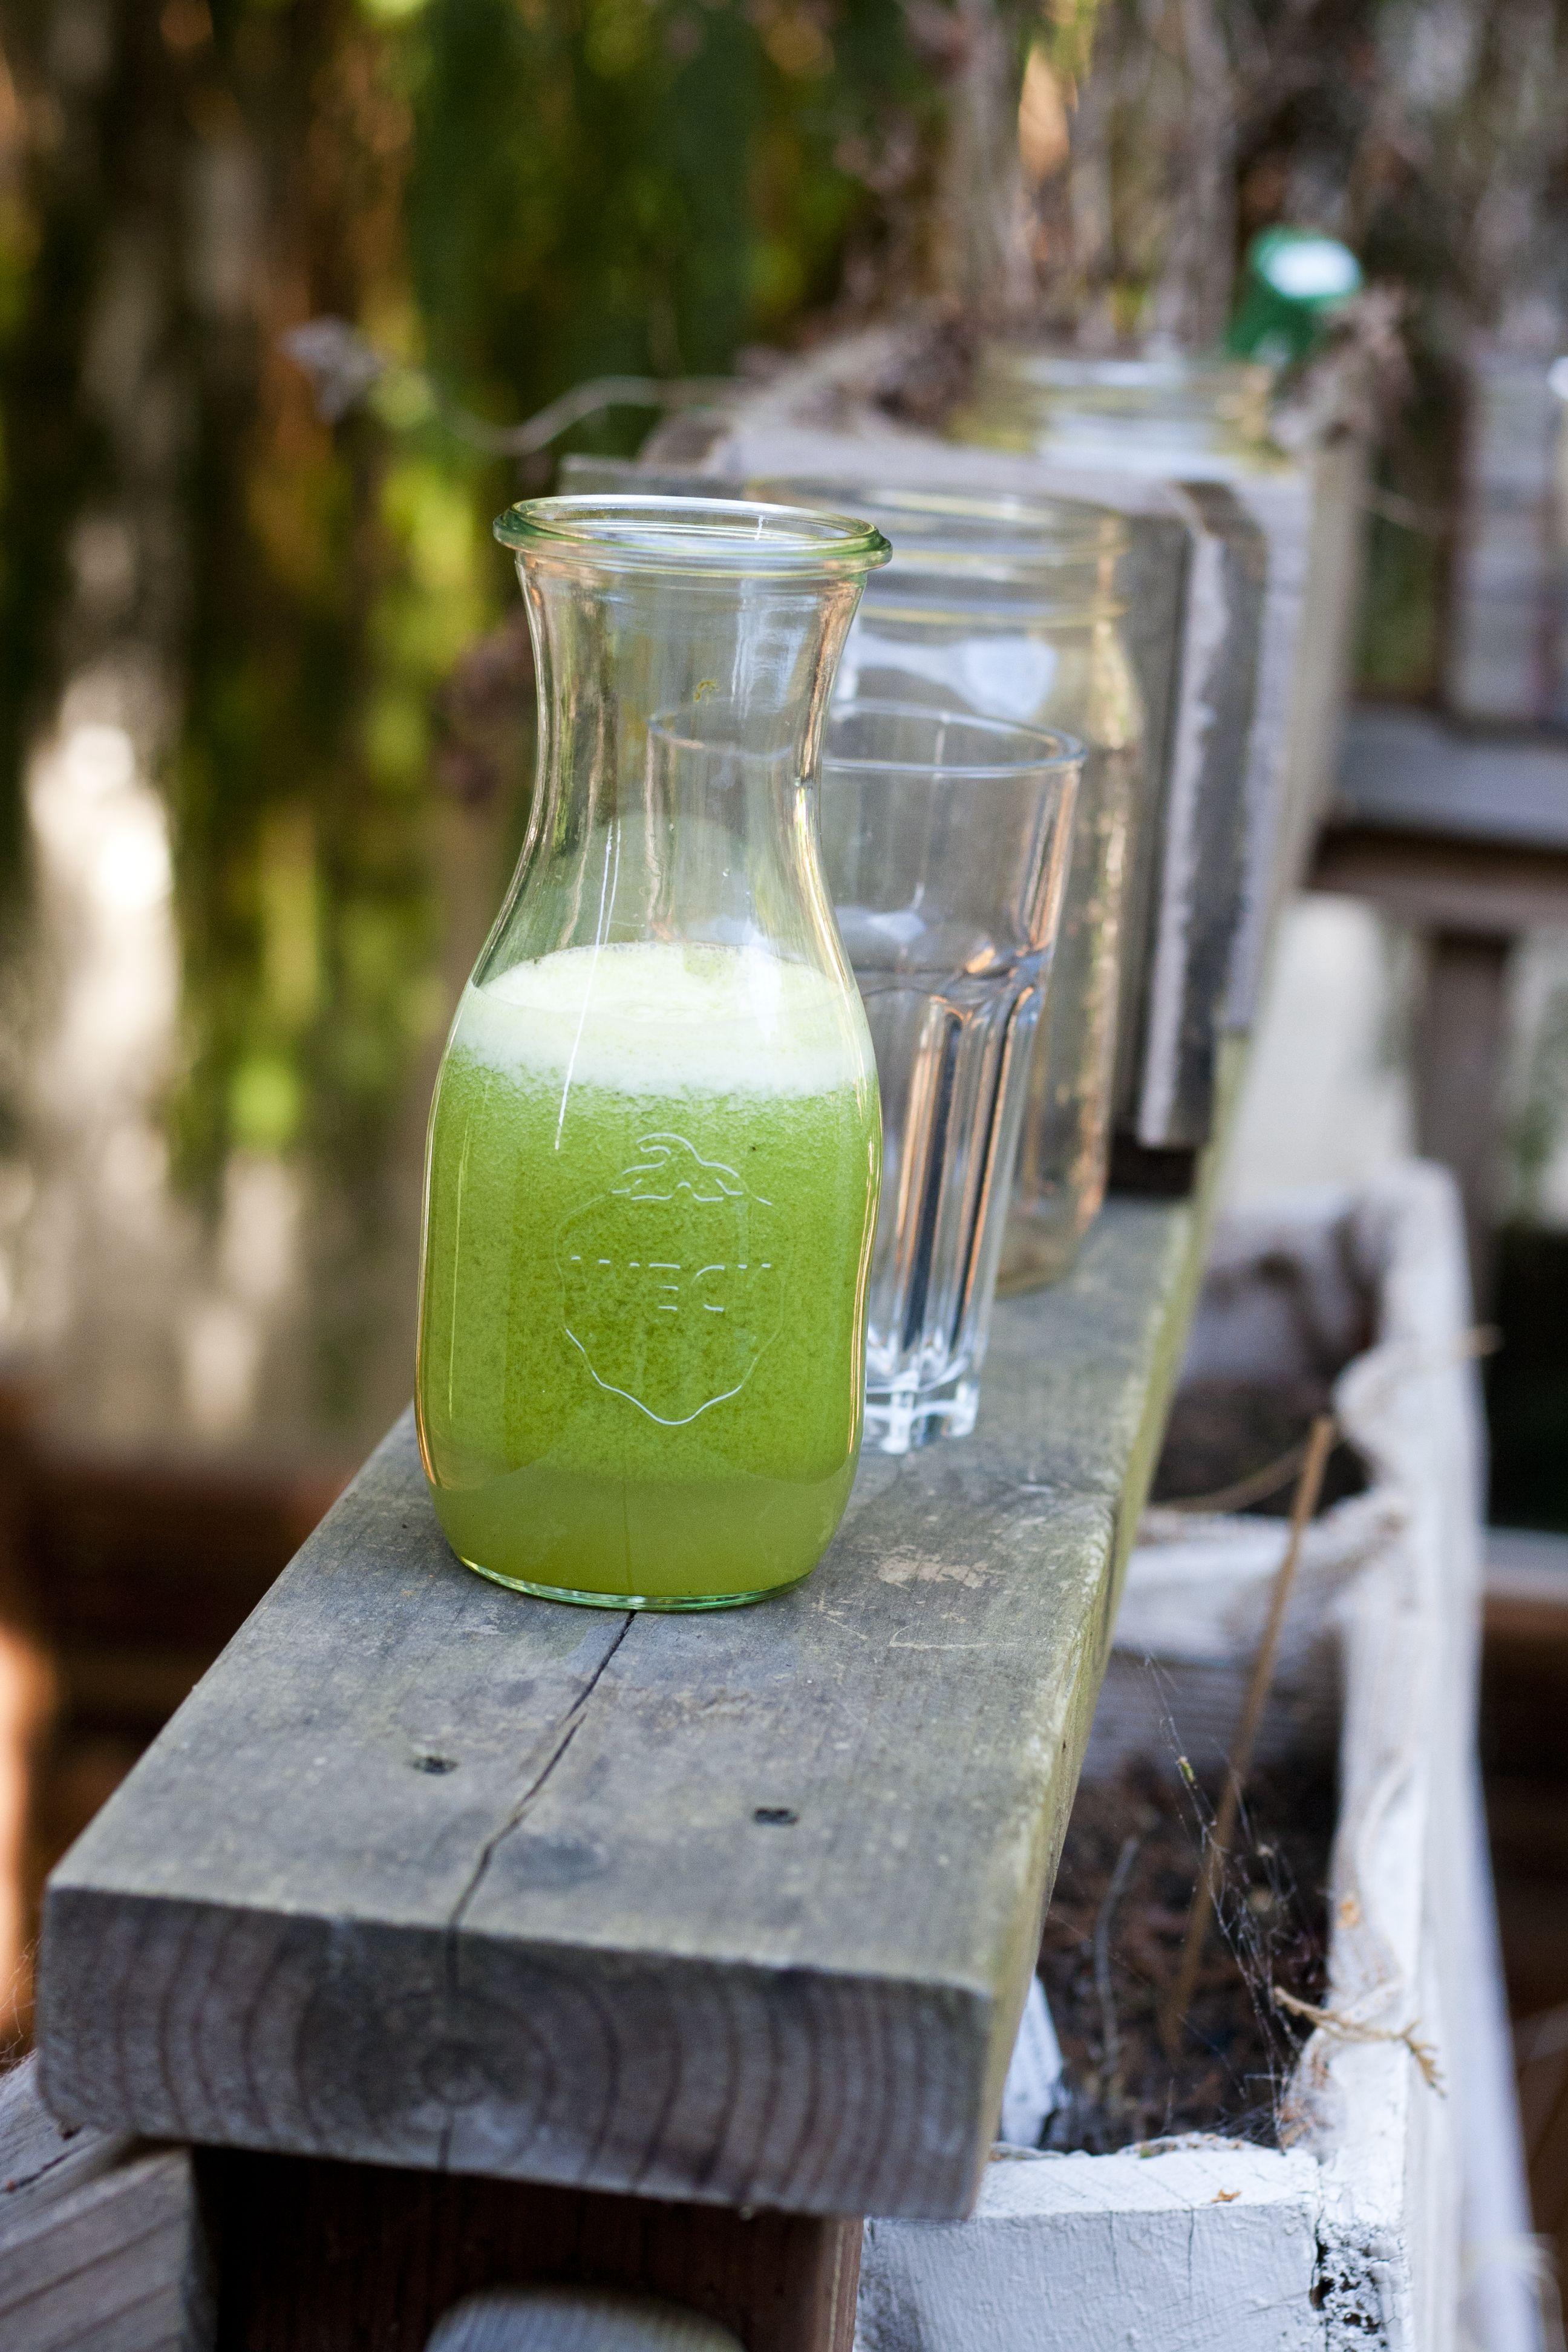 Juicy summer green juice juicy beer garden